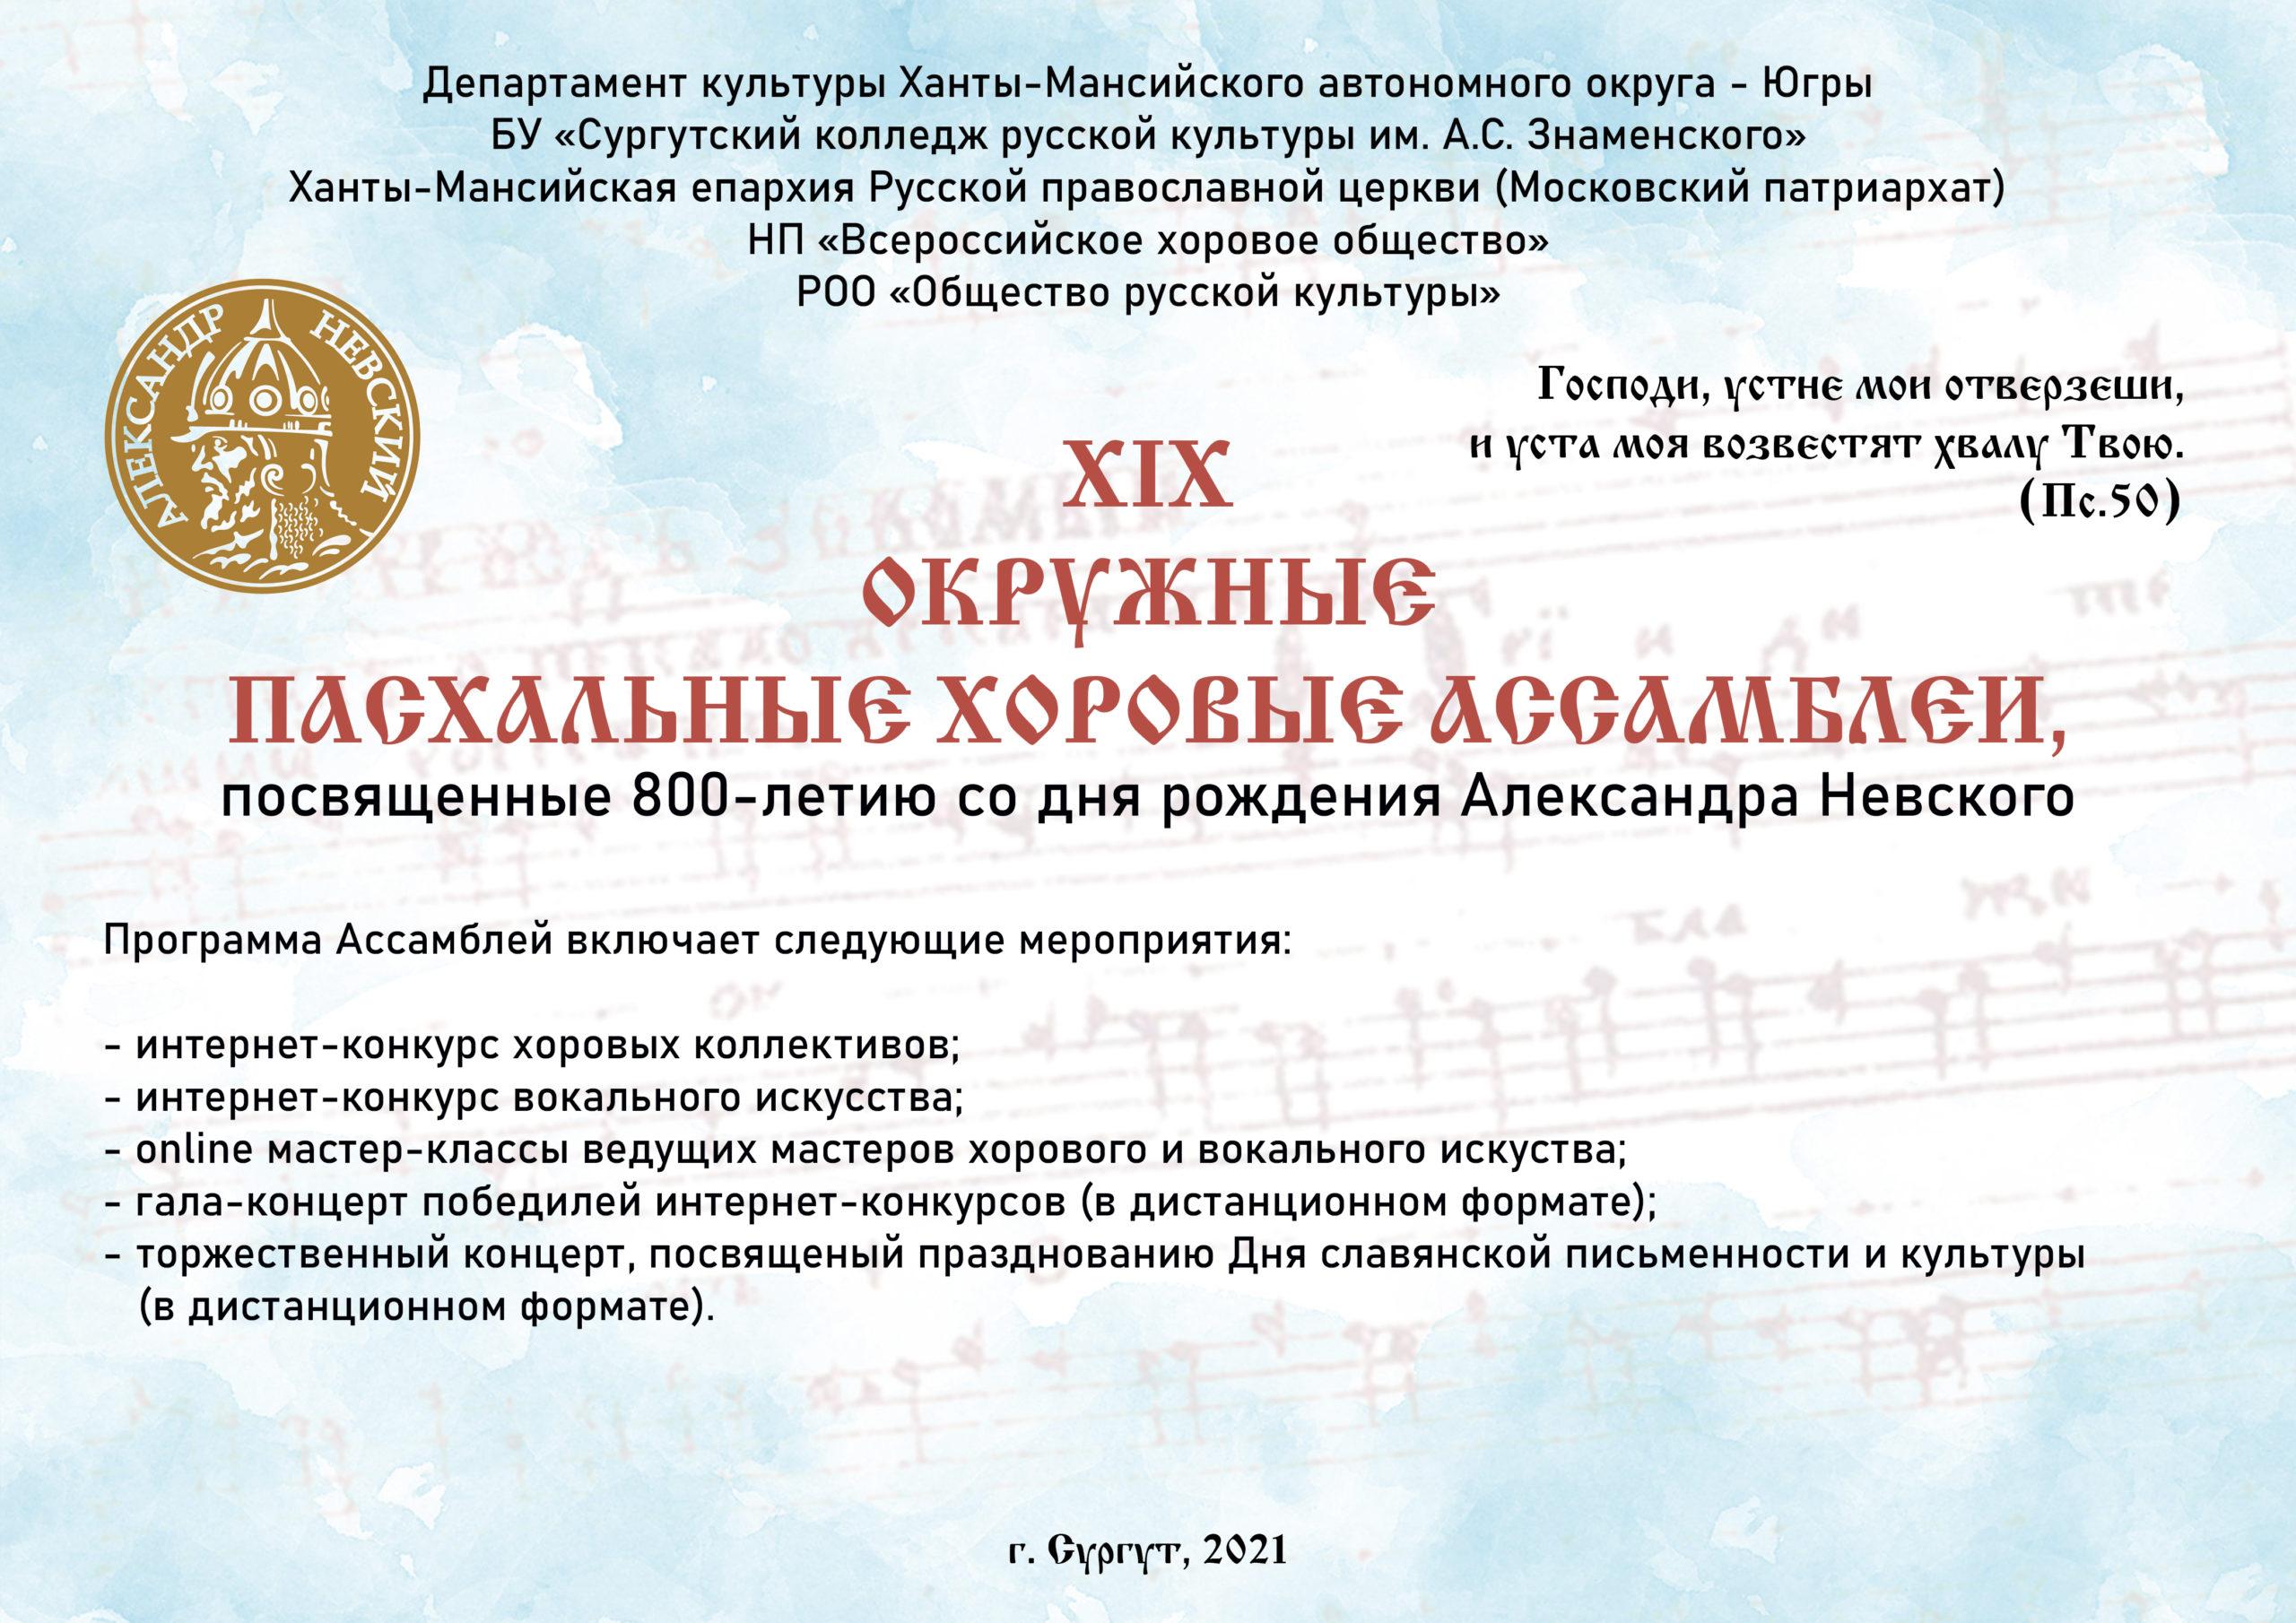 XIX Окружные Пасхальные хоровые ассамблеи